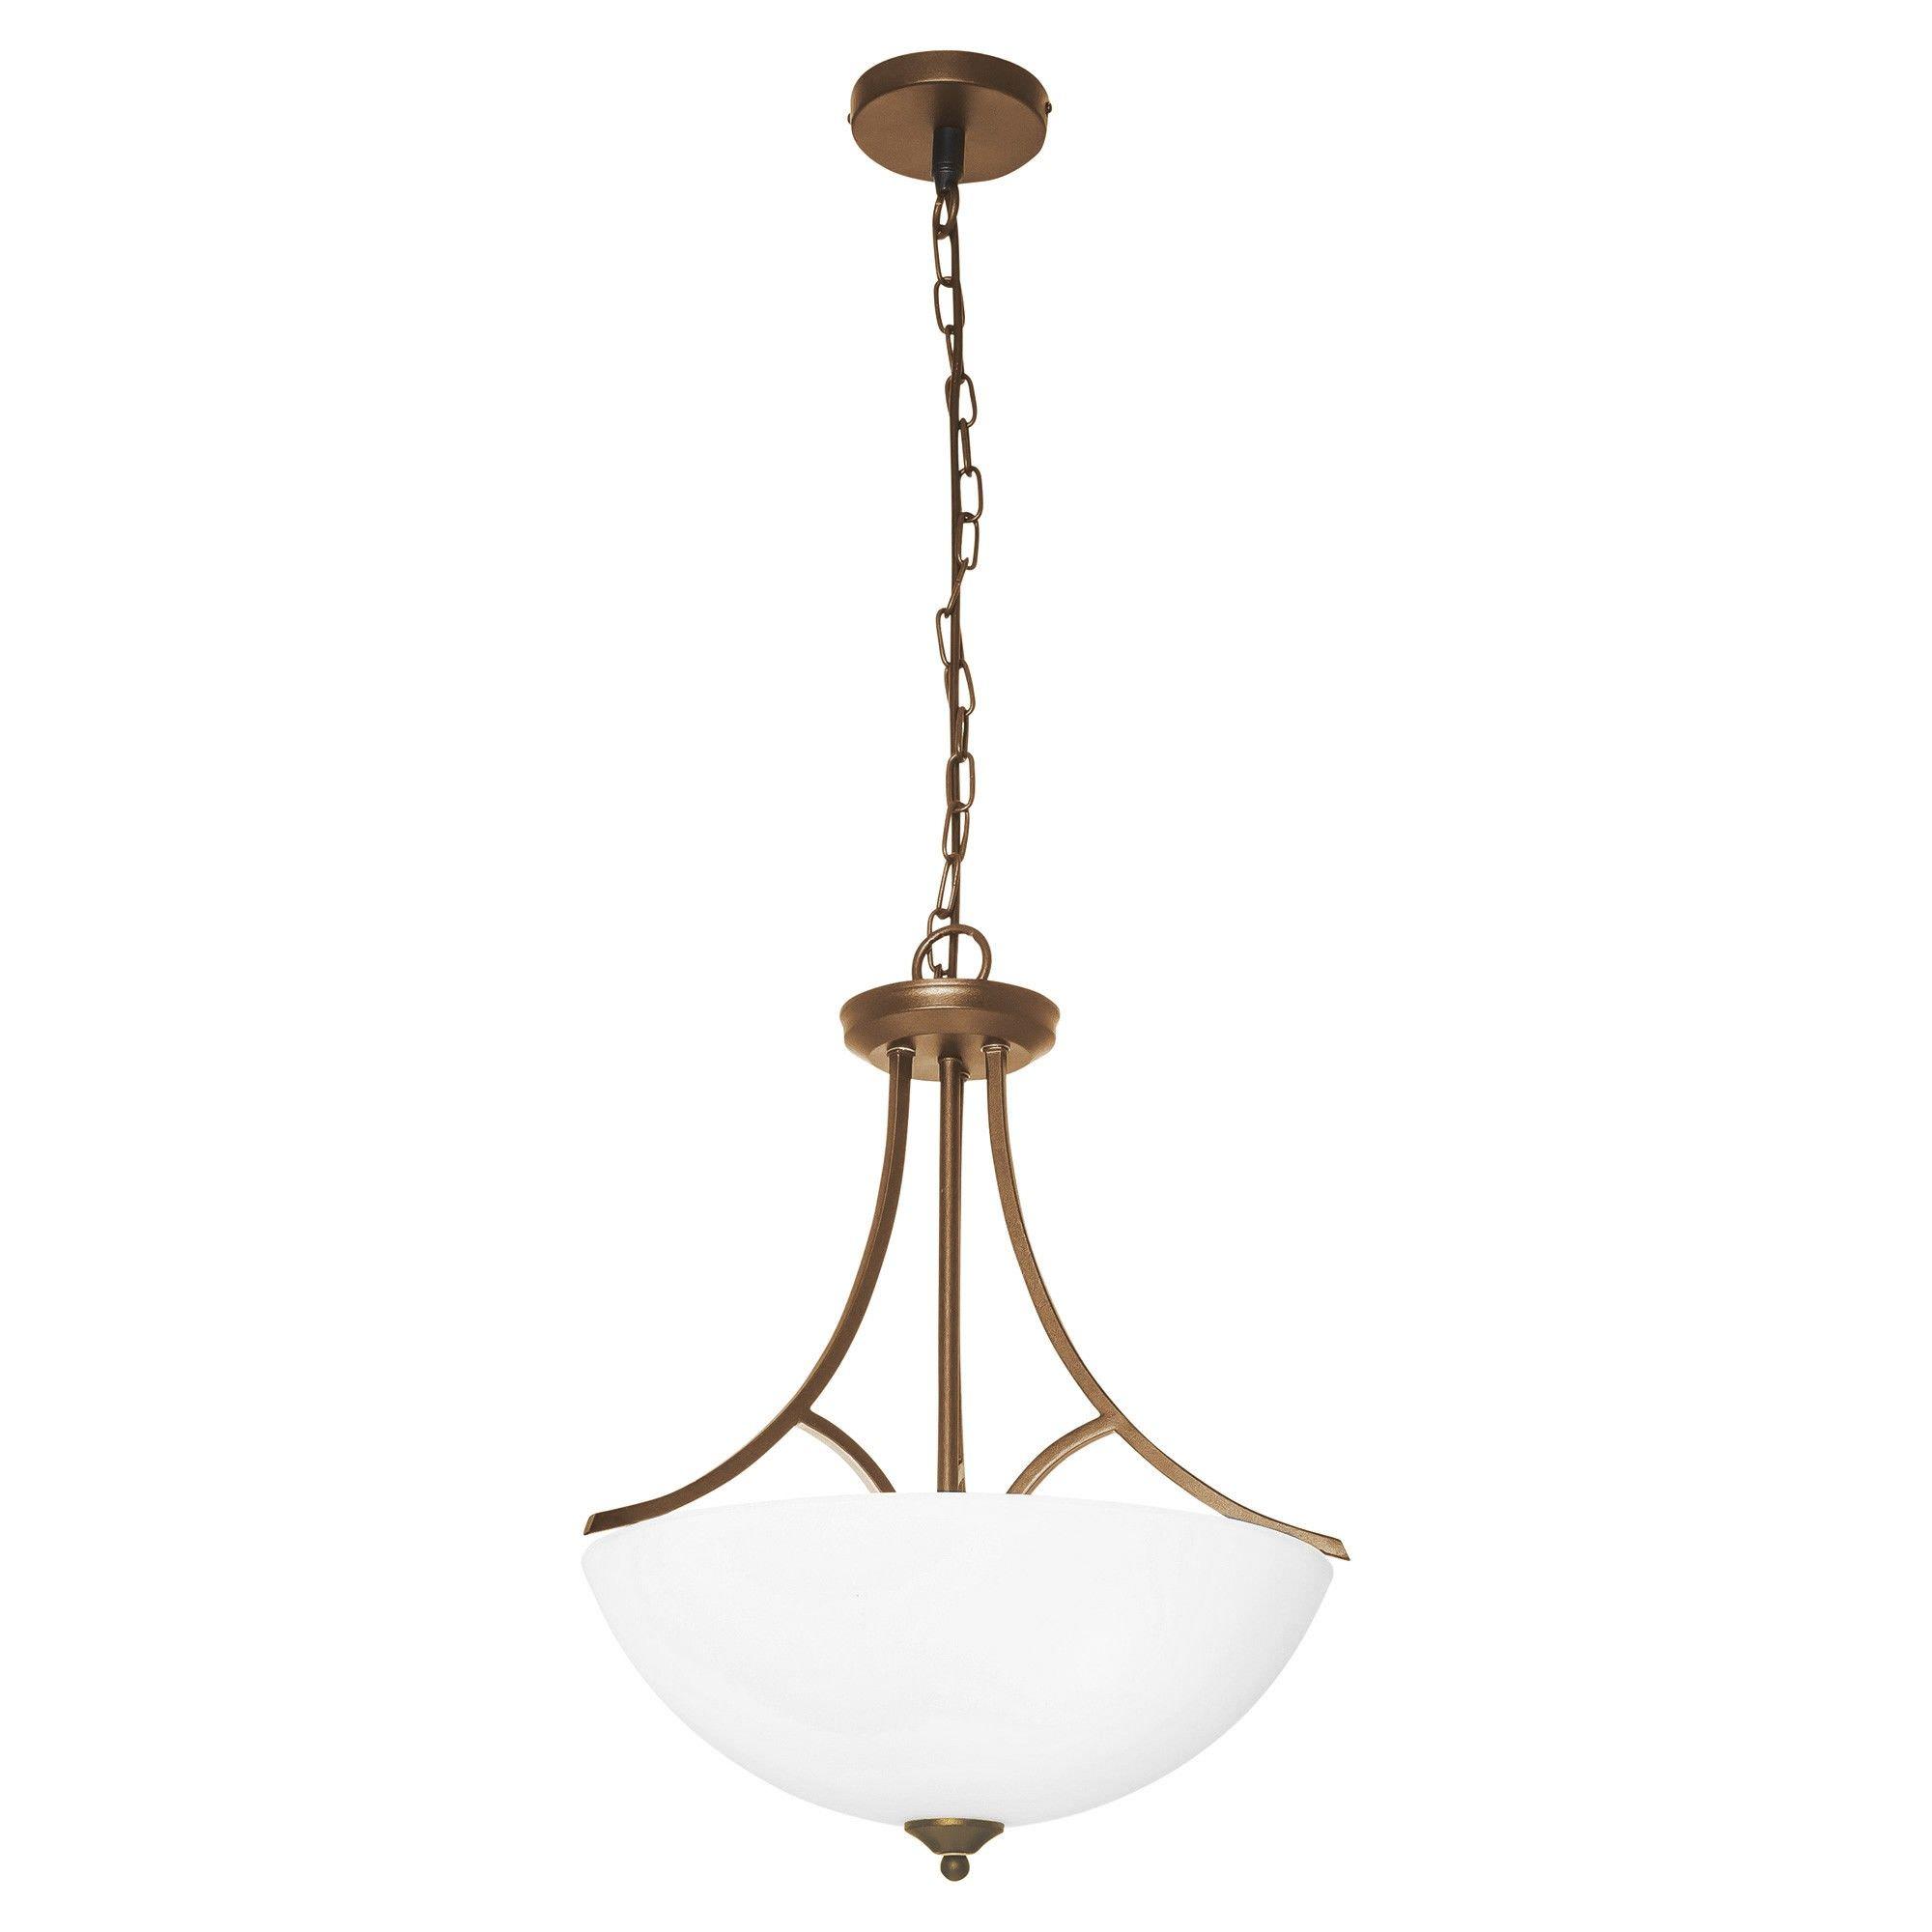 Atlanta Metal & Glass Convertible Batten Fix / Pendant Light, Brass